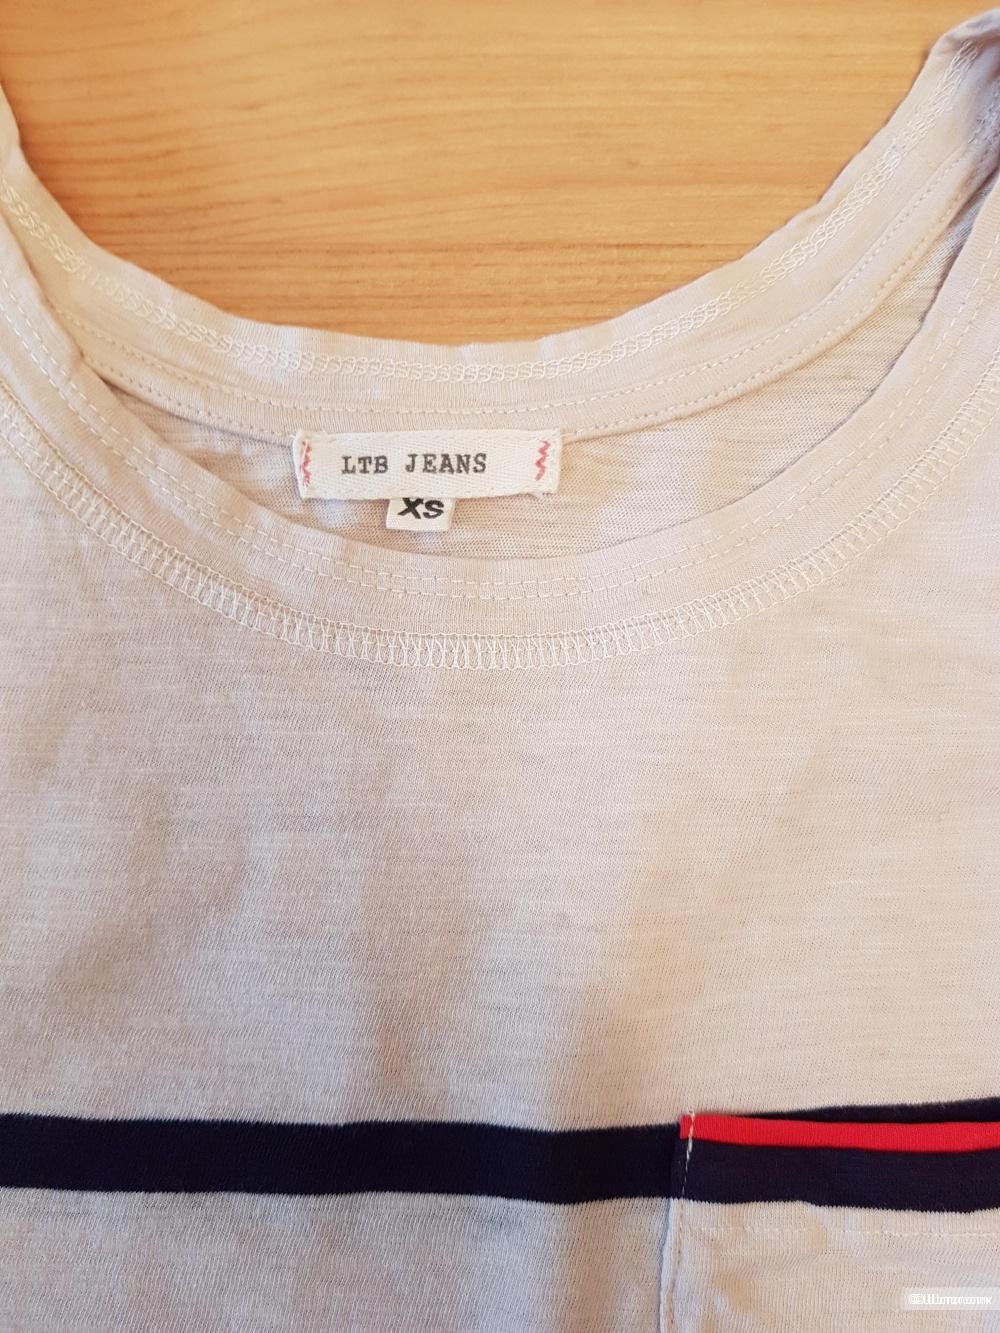 Джемпер LTB jeans, размер 40-42